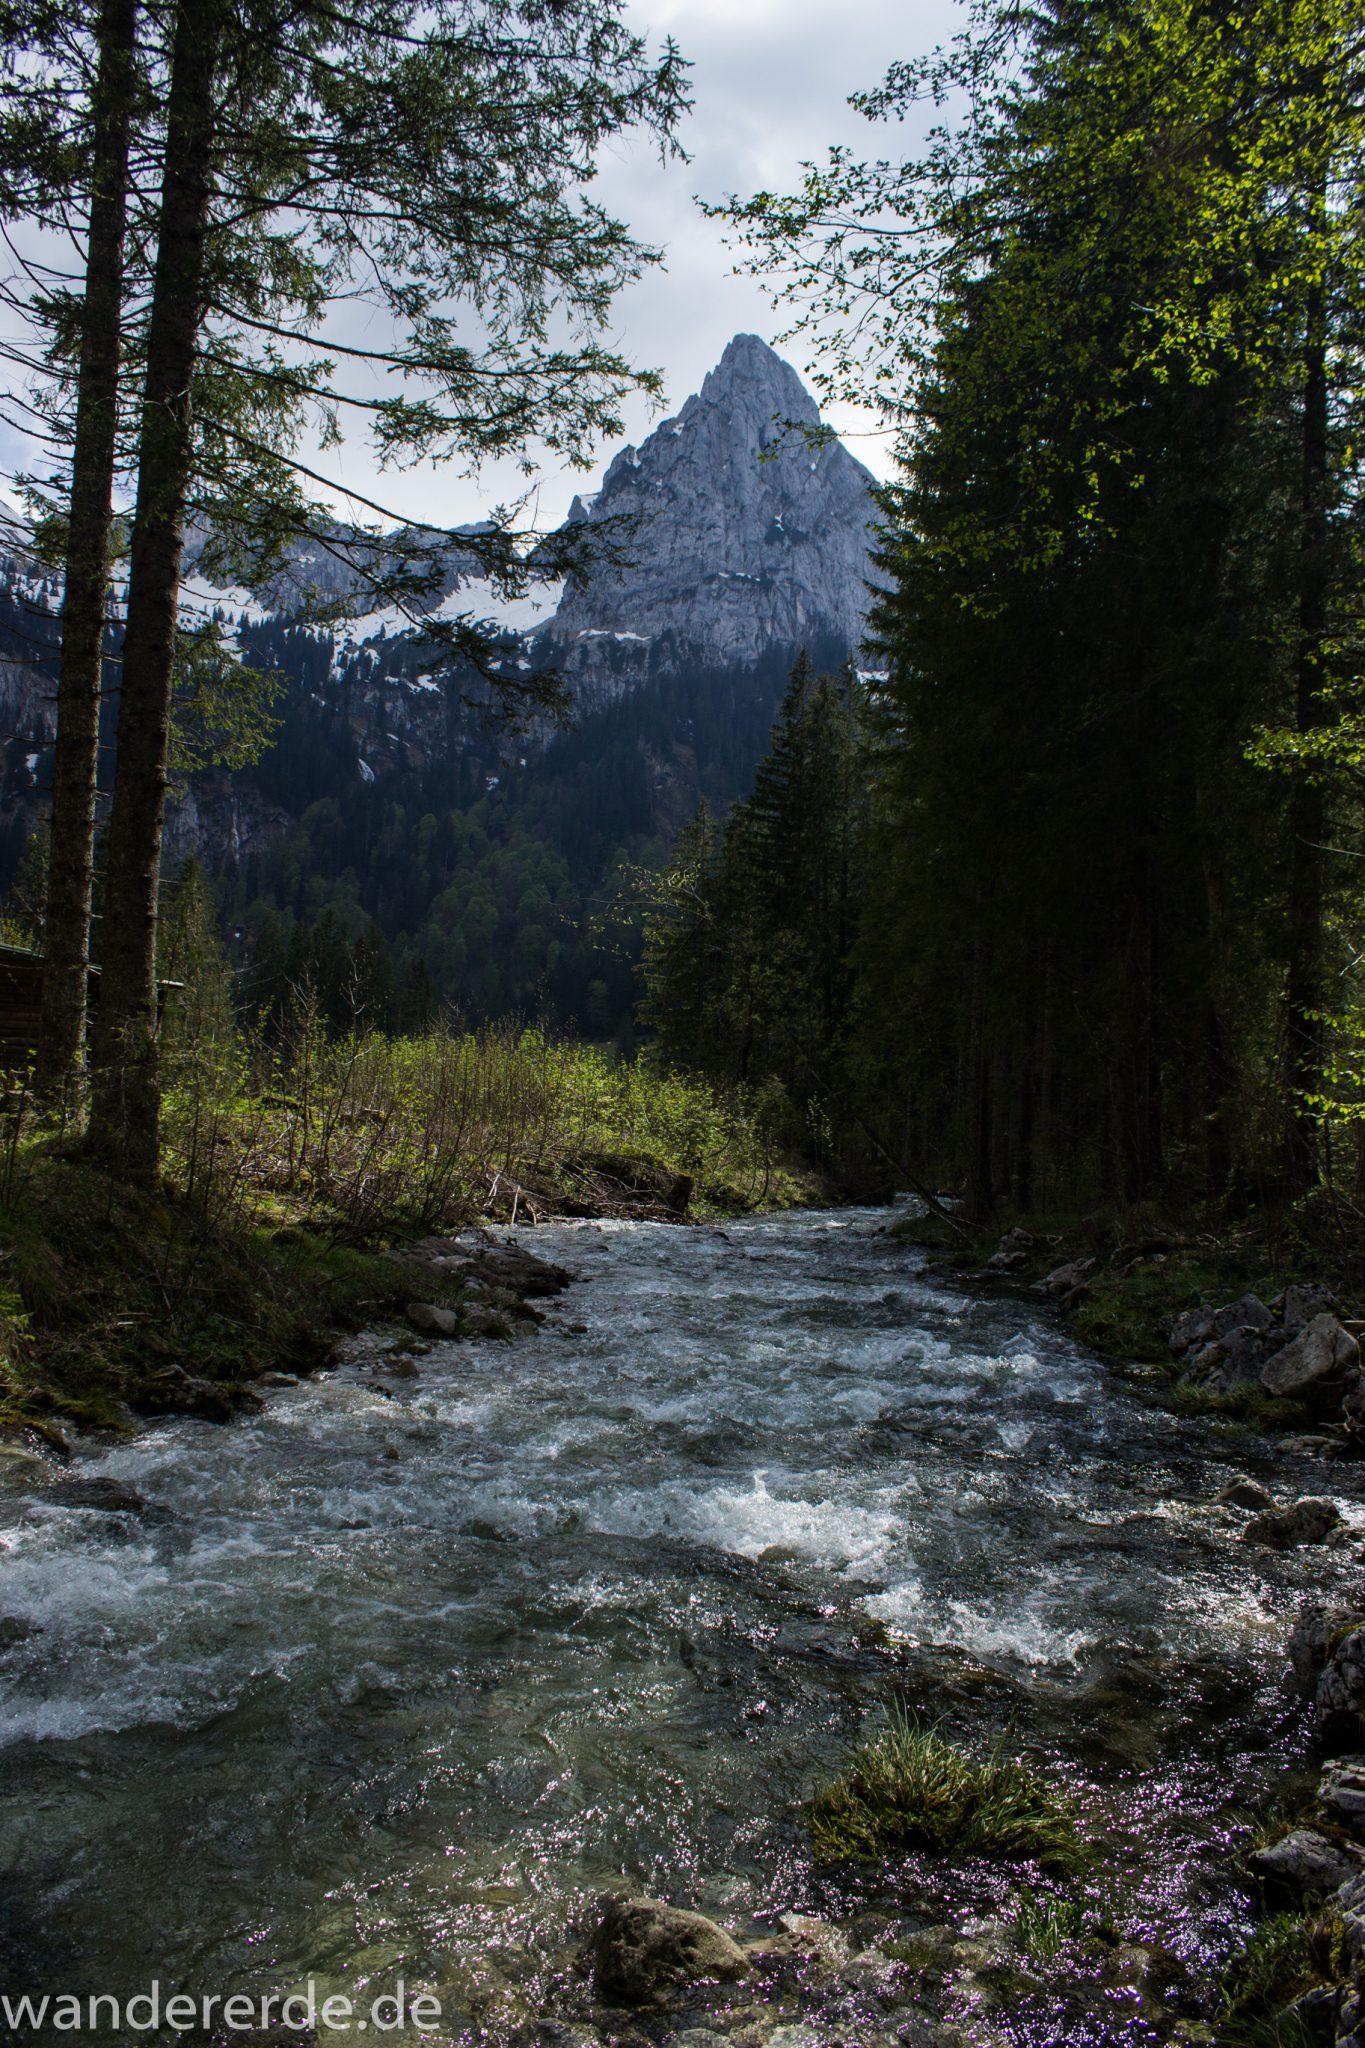 Wanderung zur Kenzenhütte in den Ammergauer Alpen, Aussicht auf die Berge mit imposantem Berggipfel, teils schneebedeckte Berge in Wolken gehüllt, Frühjahr in den bayerischen Alpen, dichter grüner Wald und saftige Wiesen, Wanderweg oftmals am schönen, idyllischem Fluss entlang